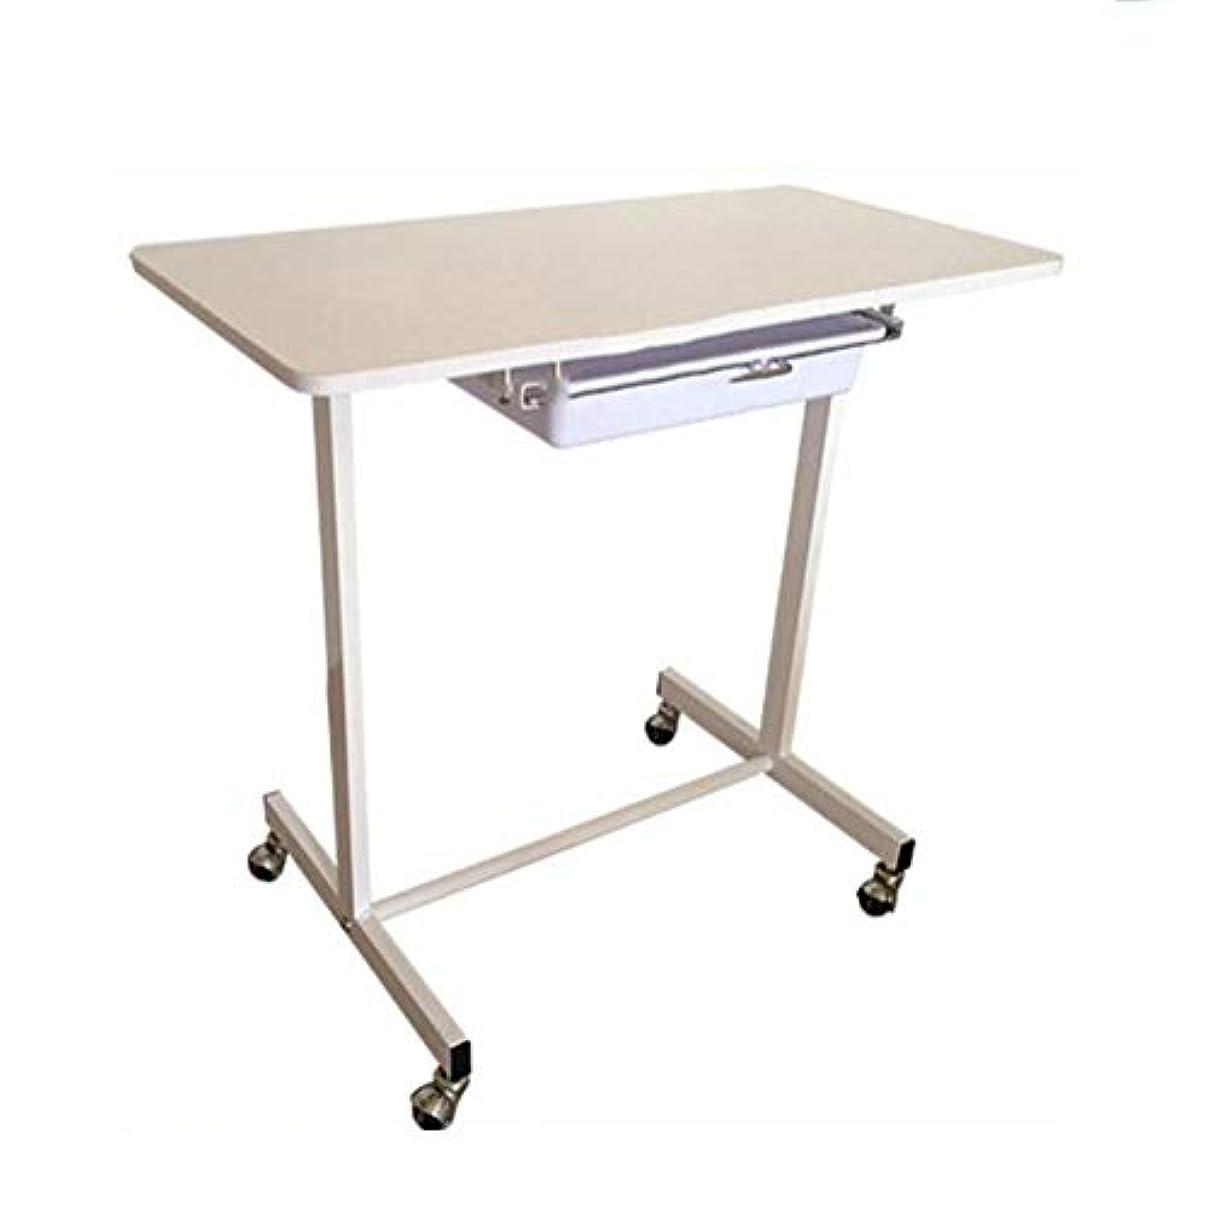 虫サラダ同じネイルテーブルポータブルマニキュアテーブルベントネイルデスクワークステーションサロンスパネイルアートビューティーサロン家具